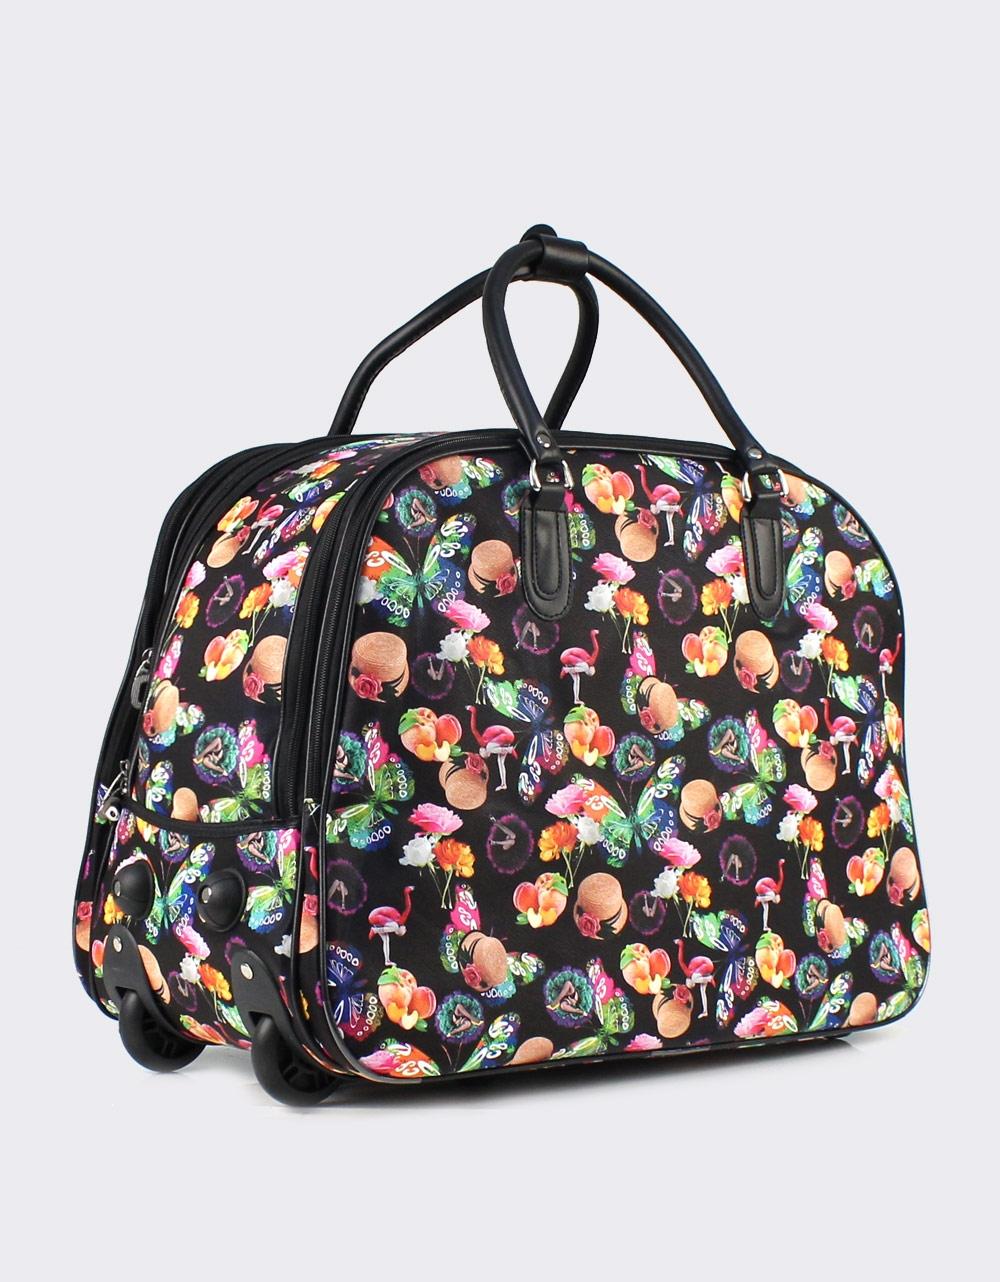 Εικόνα από Γυναικείες τσάντες ταξιδίου με πολύχρωμα σχέδια Μαύρο